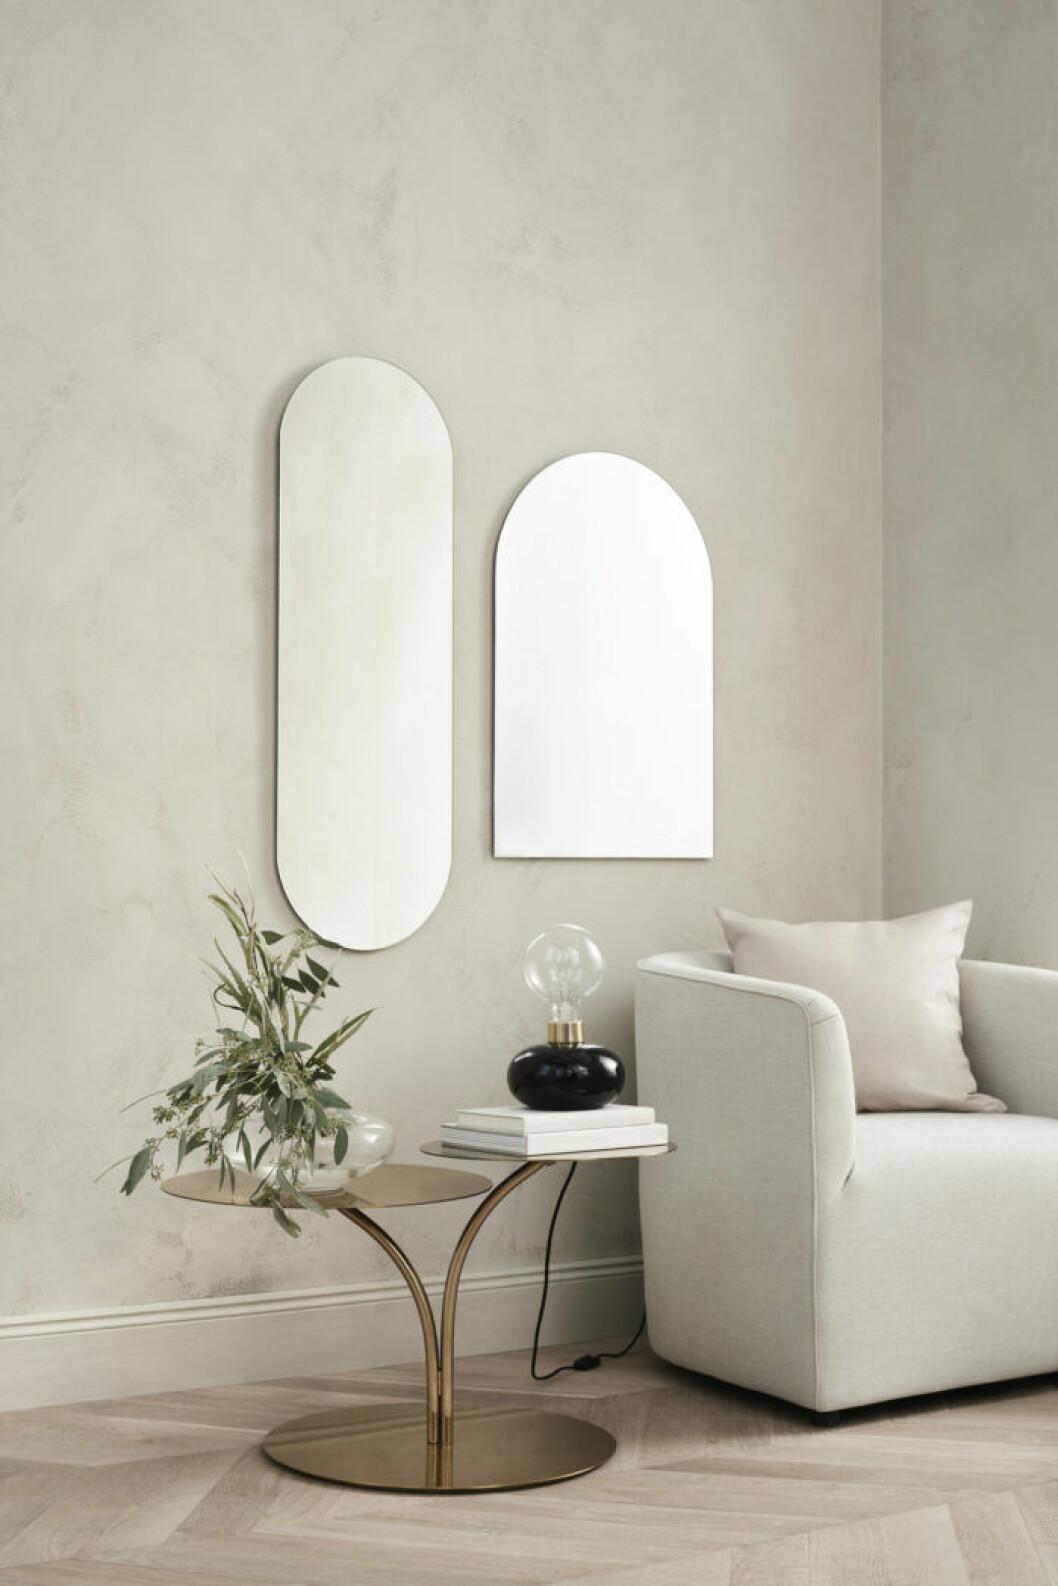 Speglar, bord och fåtölj från H&M Homes vårkollektion 2019